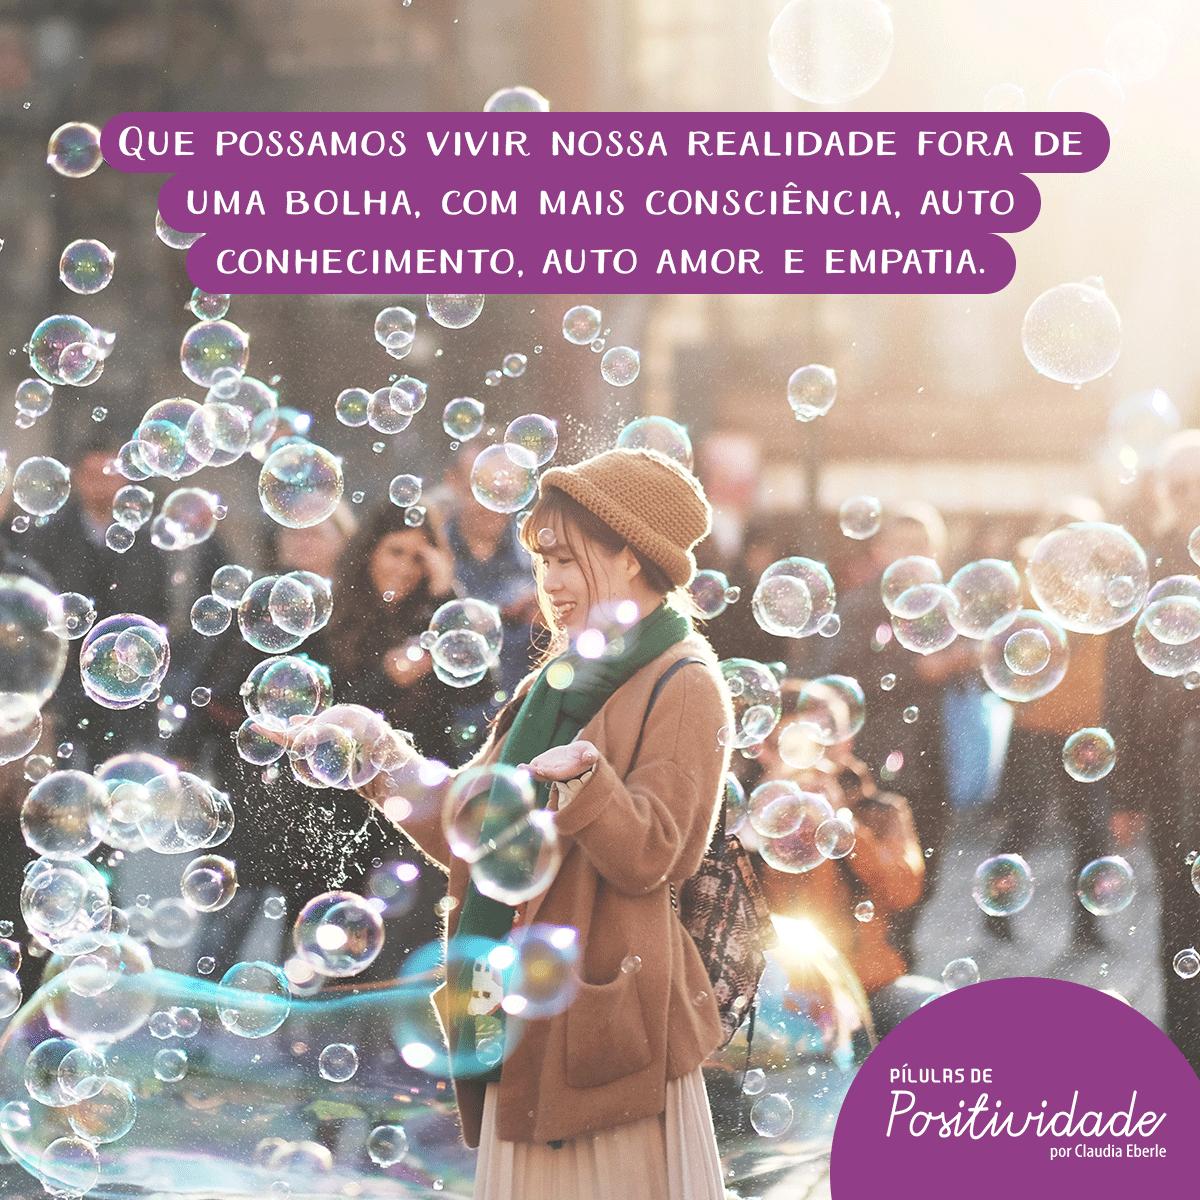 Que possamos vivir nossa realidade fora de uma bolha com mais consciência, auto conhecimento, auto amor e empatia.